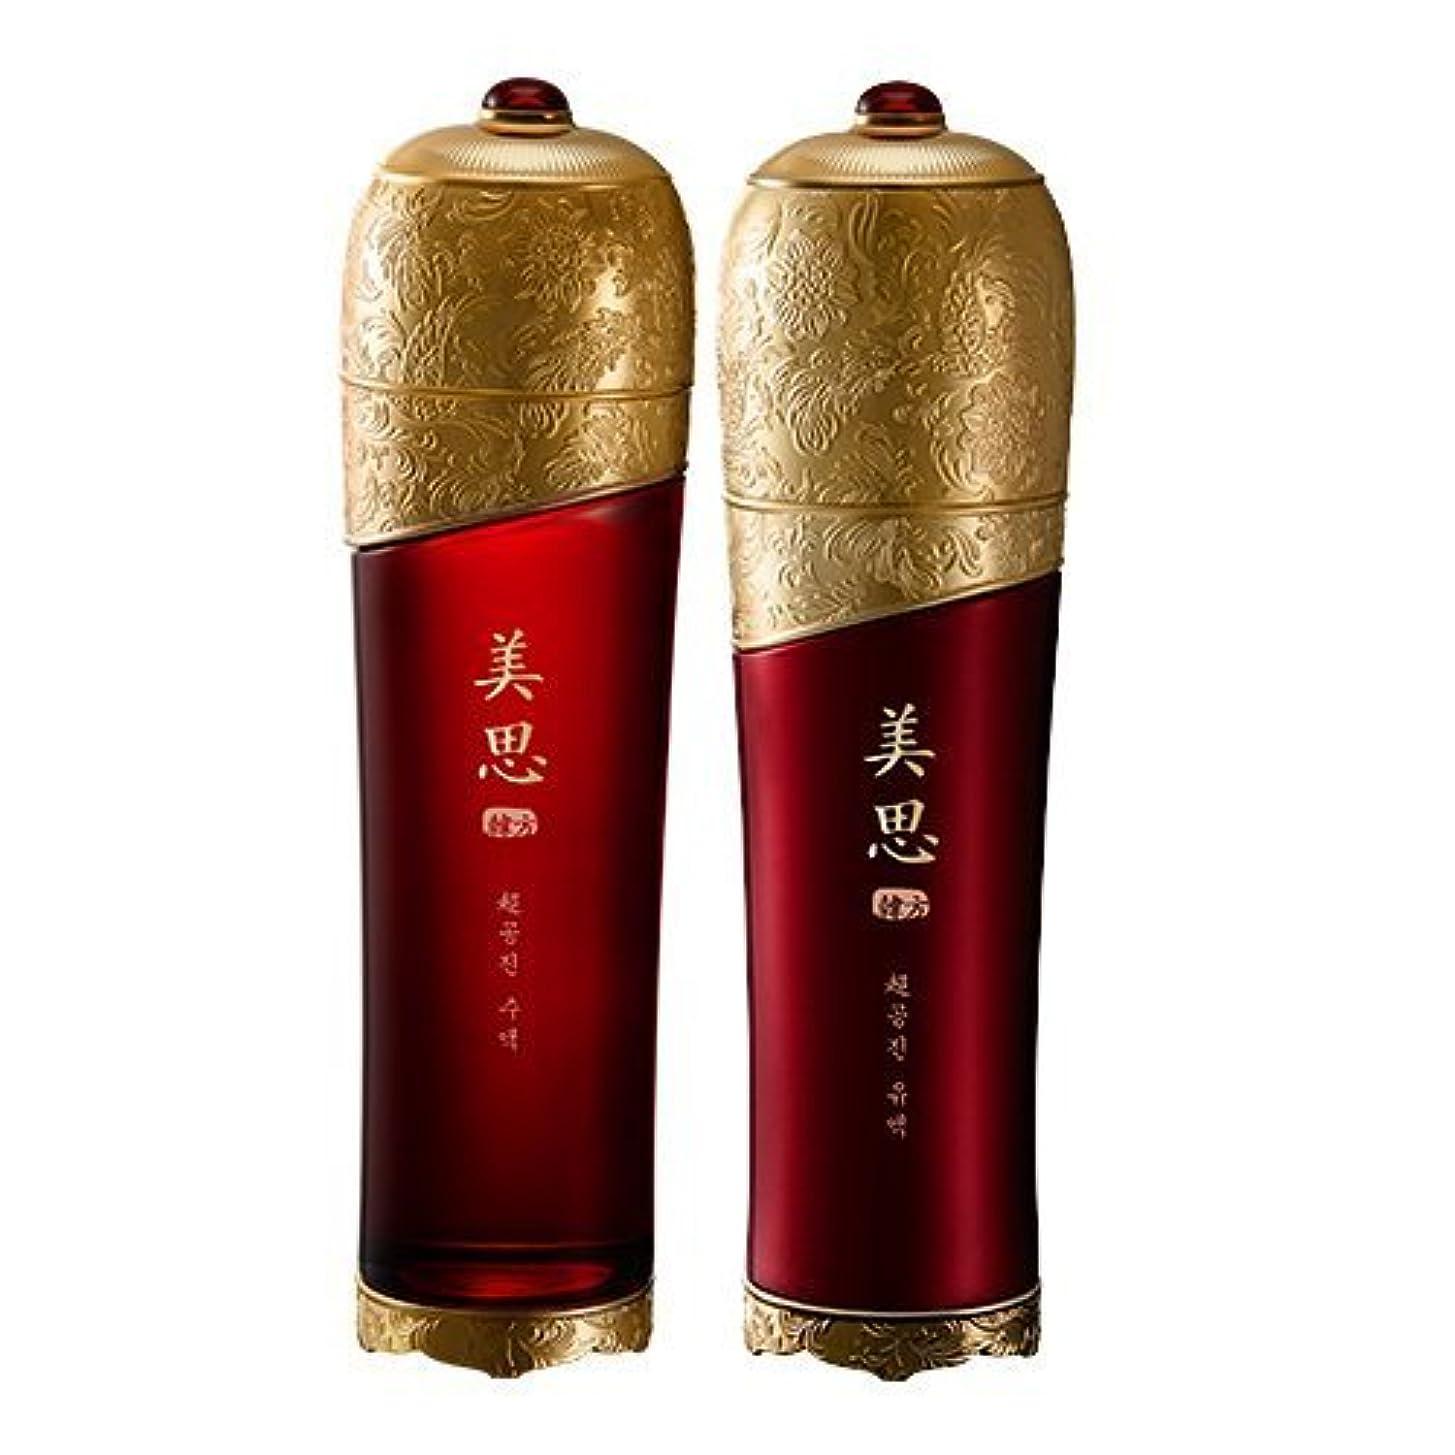 乗り出す解任アイザックMISSHA(ミシャ) 美思 韓方 チョゴンジン 基礎化粧品 スキンケア 化粧水+乳液=お得2種Set